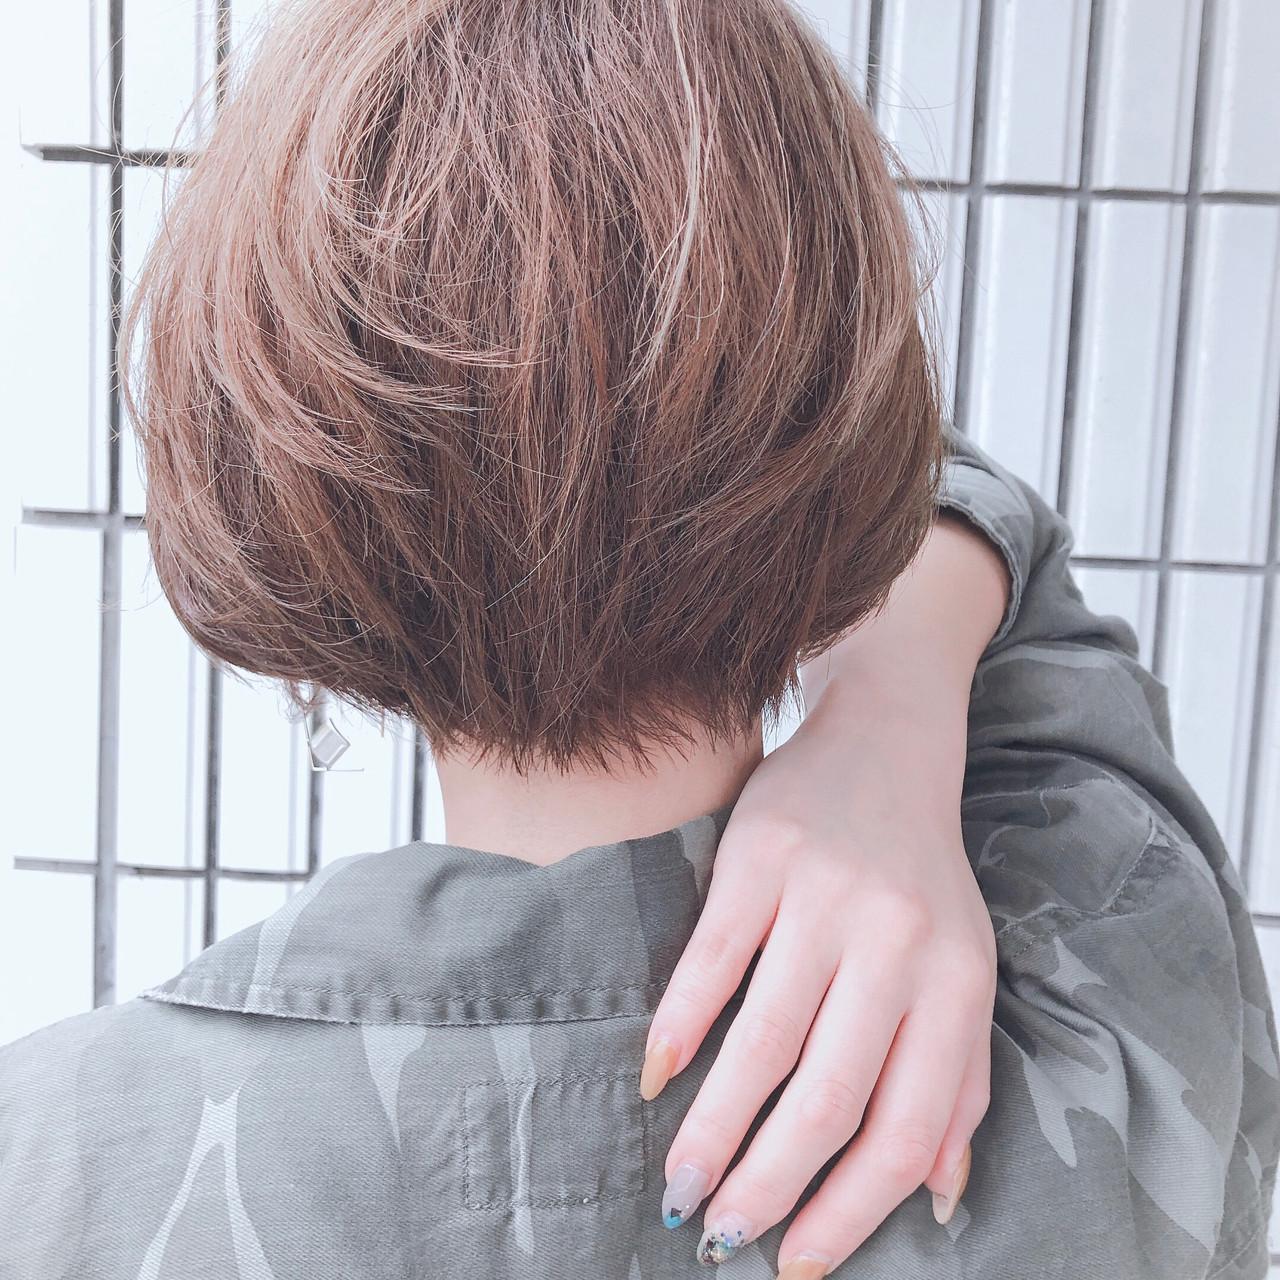 マッシュショート エレガント ショート 小顔ショート ヘアスタイルや髪型の写真・画像 | 北川友理 / unsung